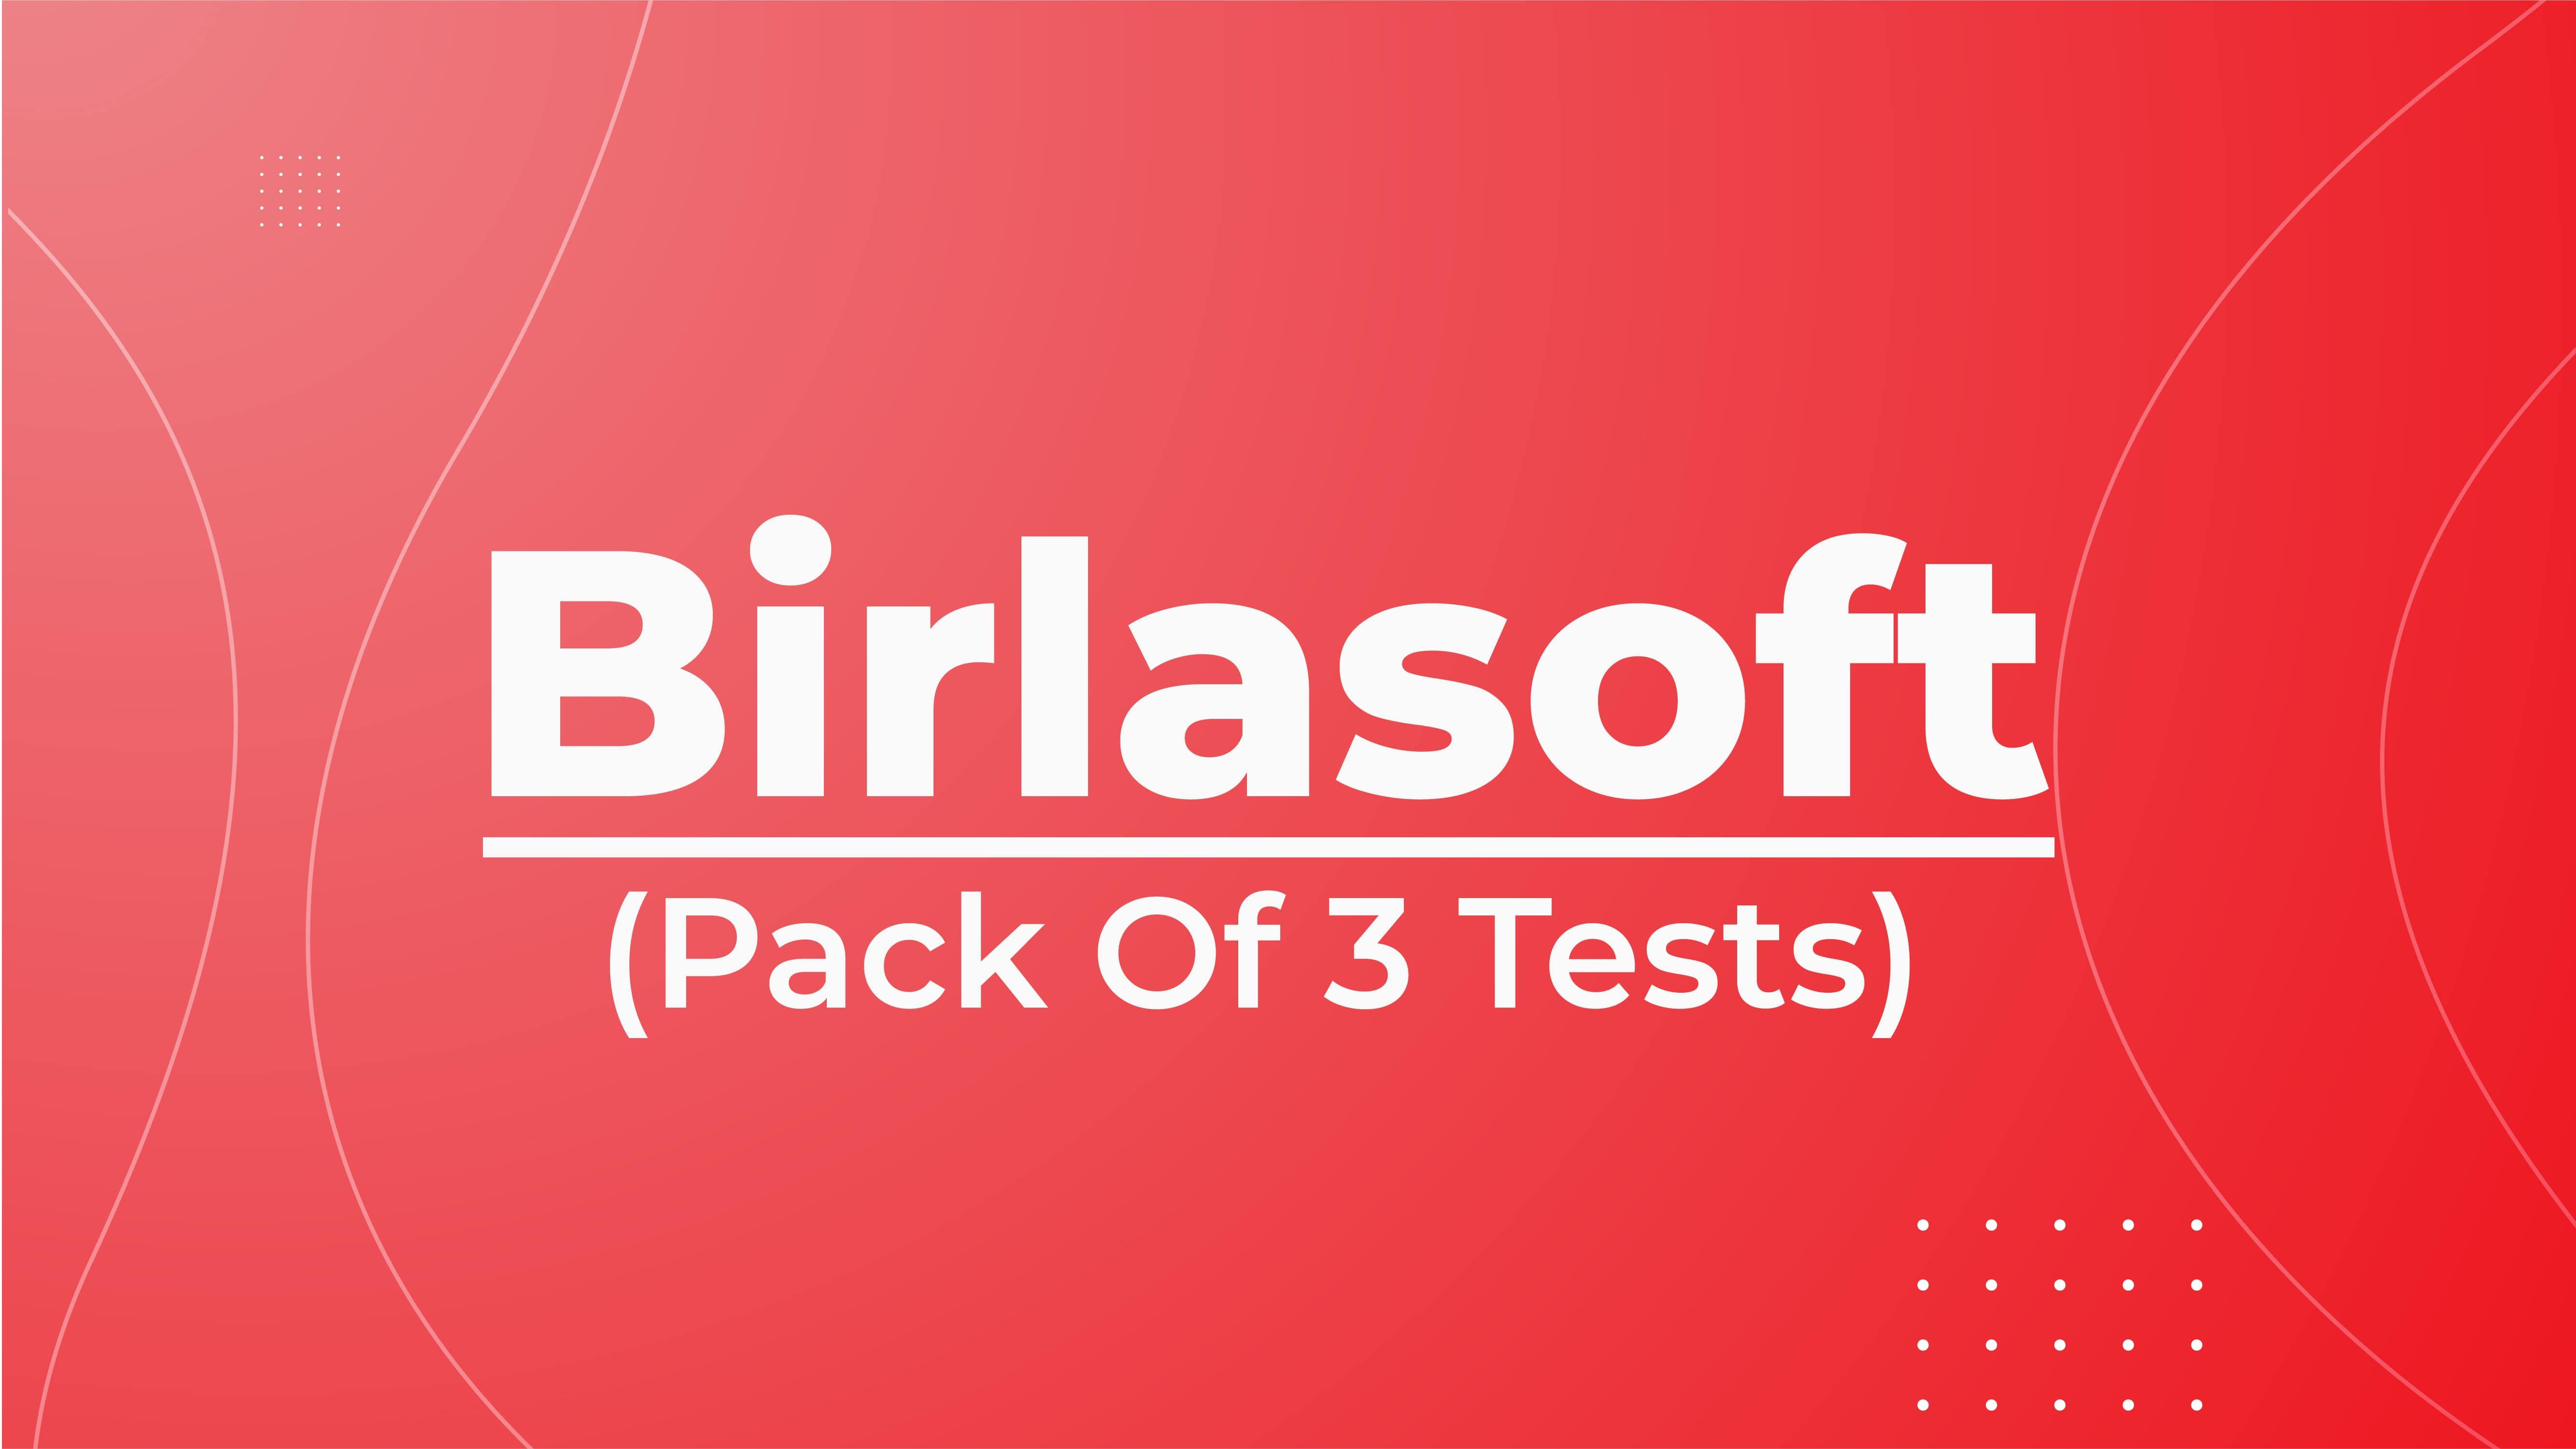 Birlasoft Pack of 3 Tests !